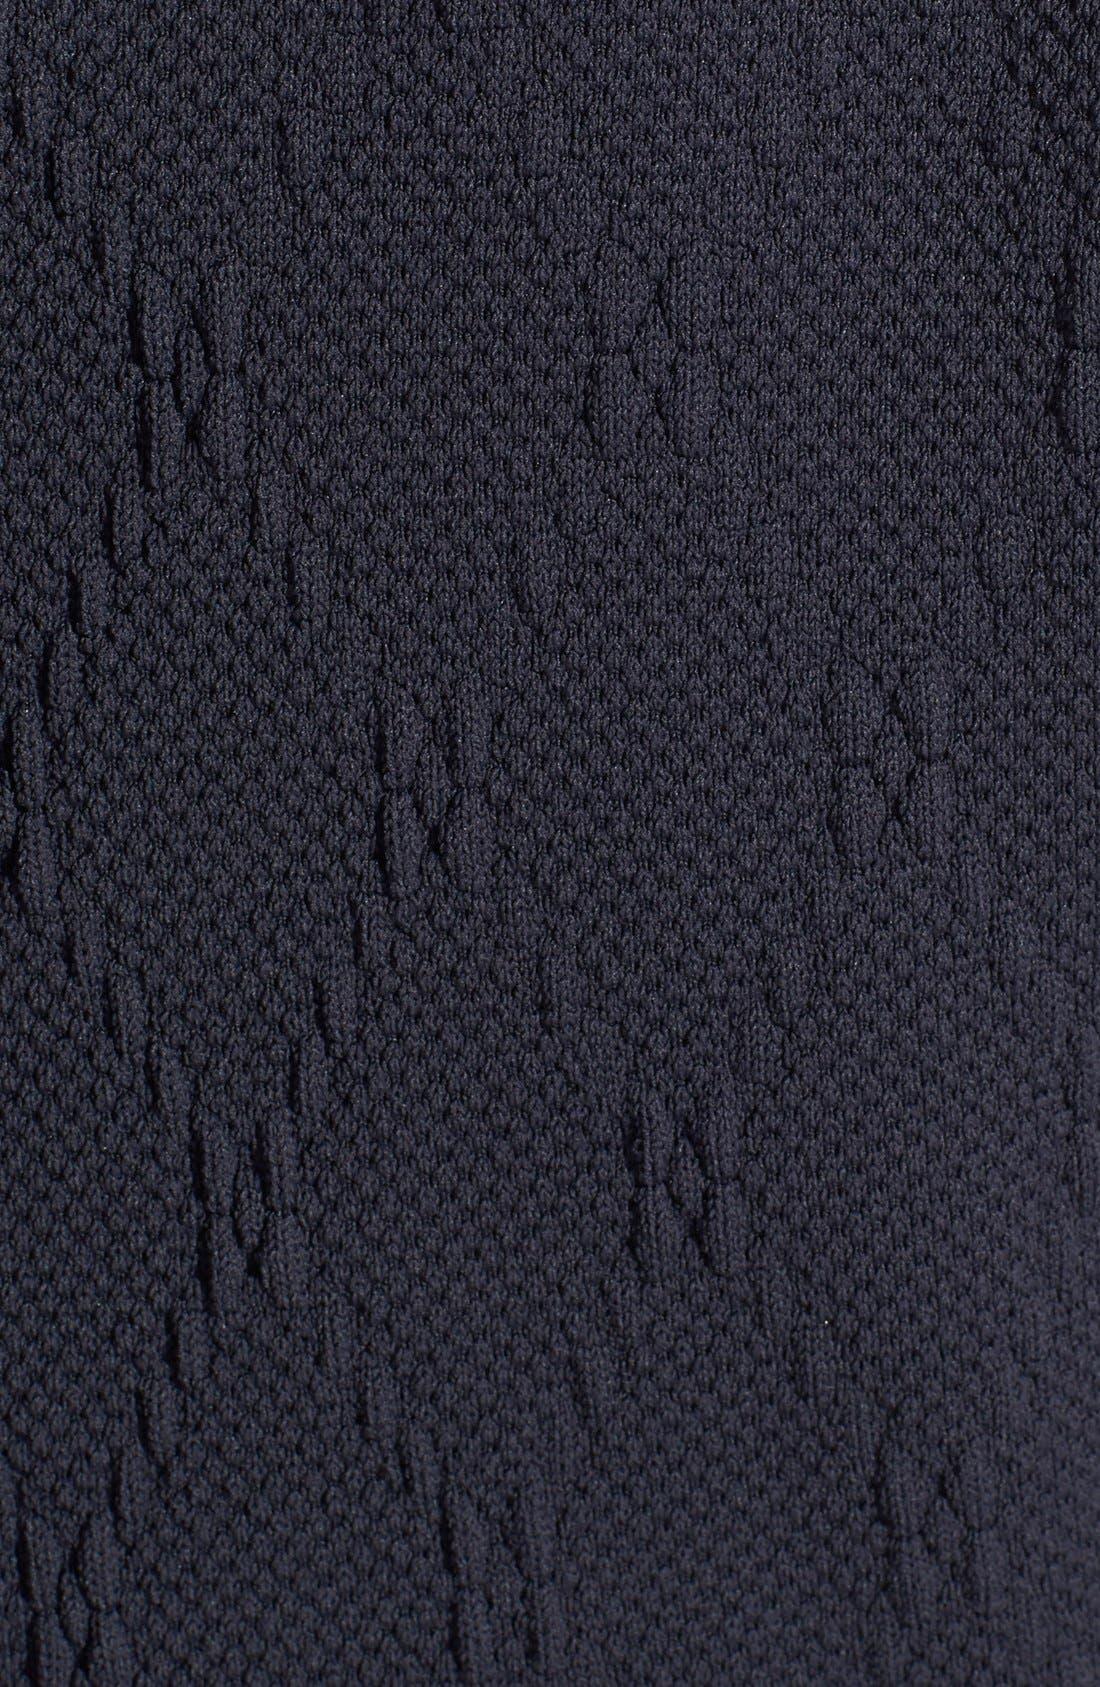 Diamond Jacquard Sweater,                             Alternate thumbnail 2, color,                             001